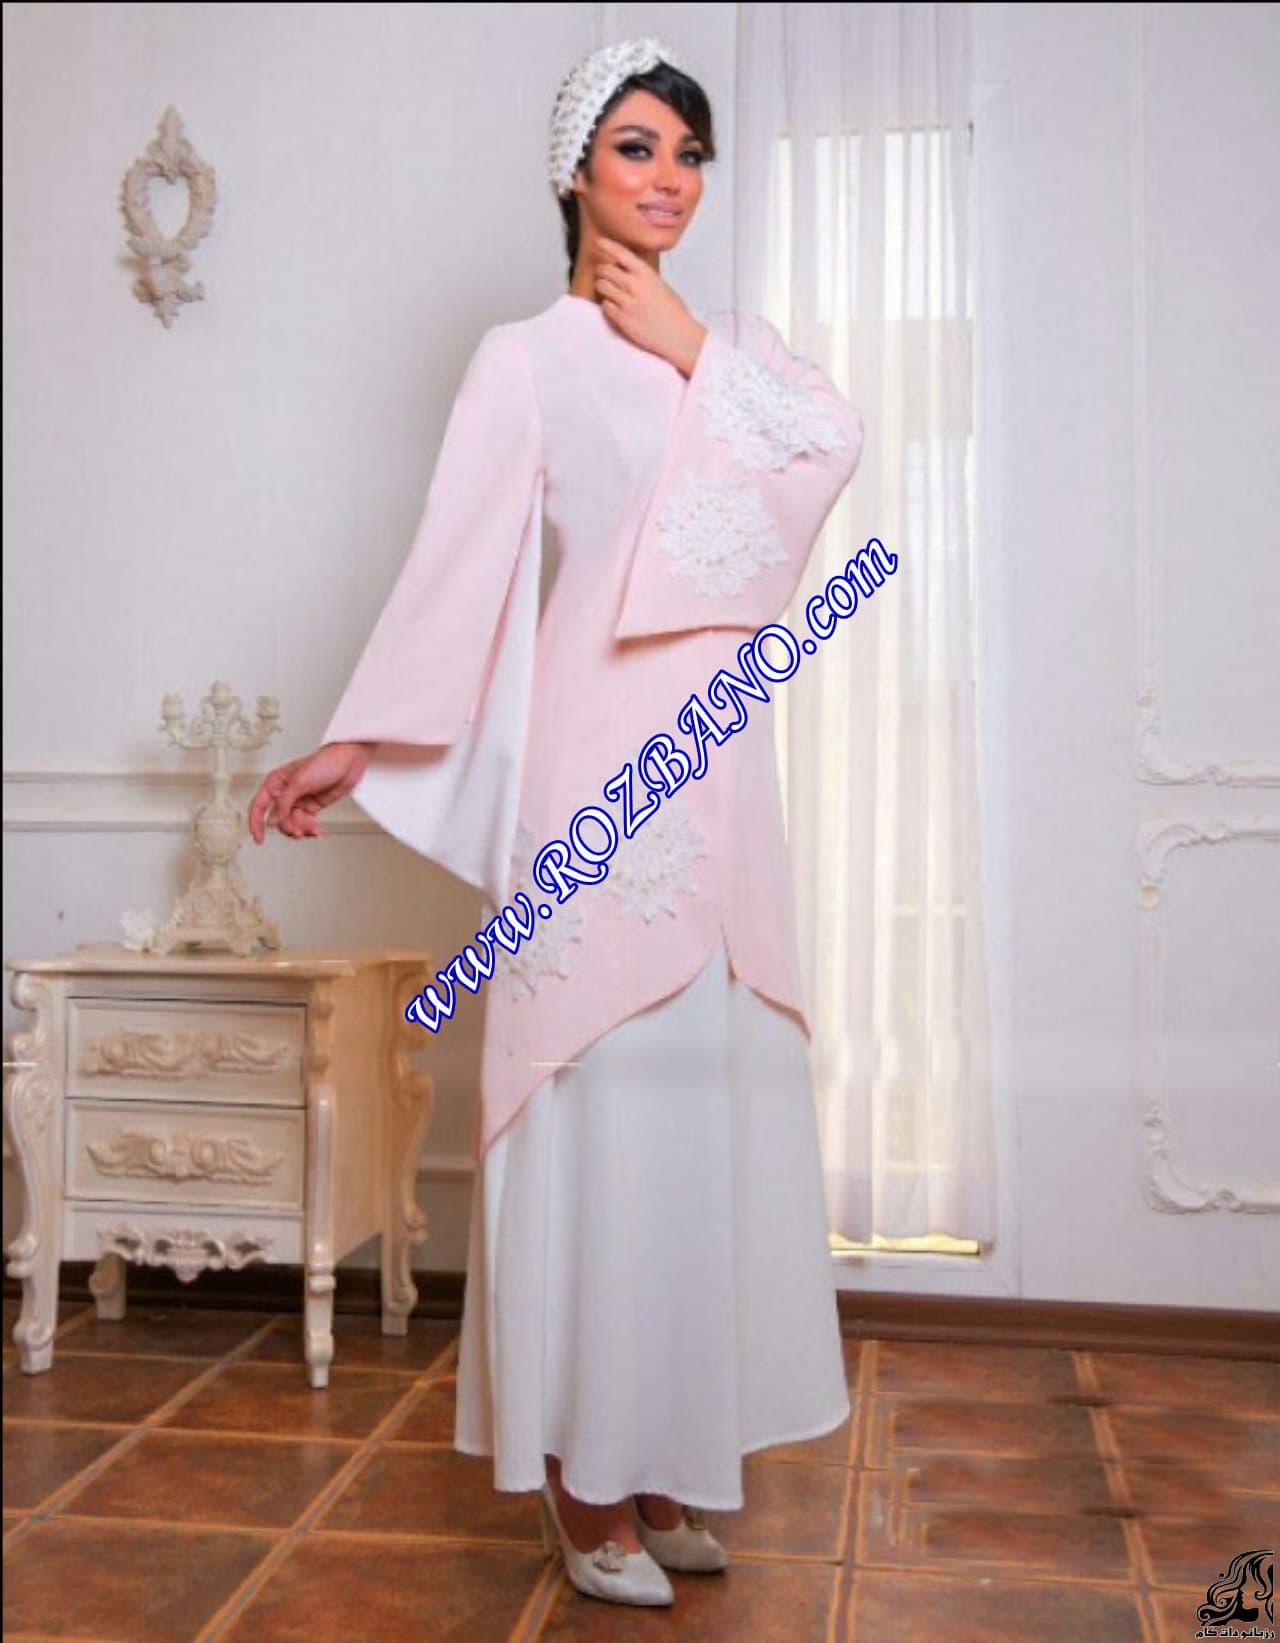 اموزش رسم الگو خیاطی مانتو دامن عروس مدل پریا الگو لباس شیک زنانه